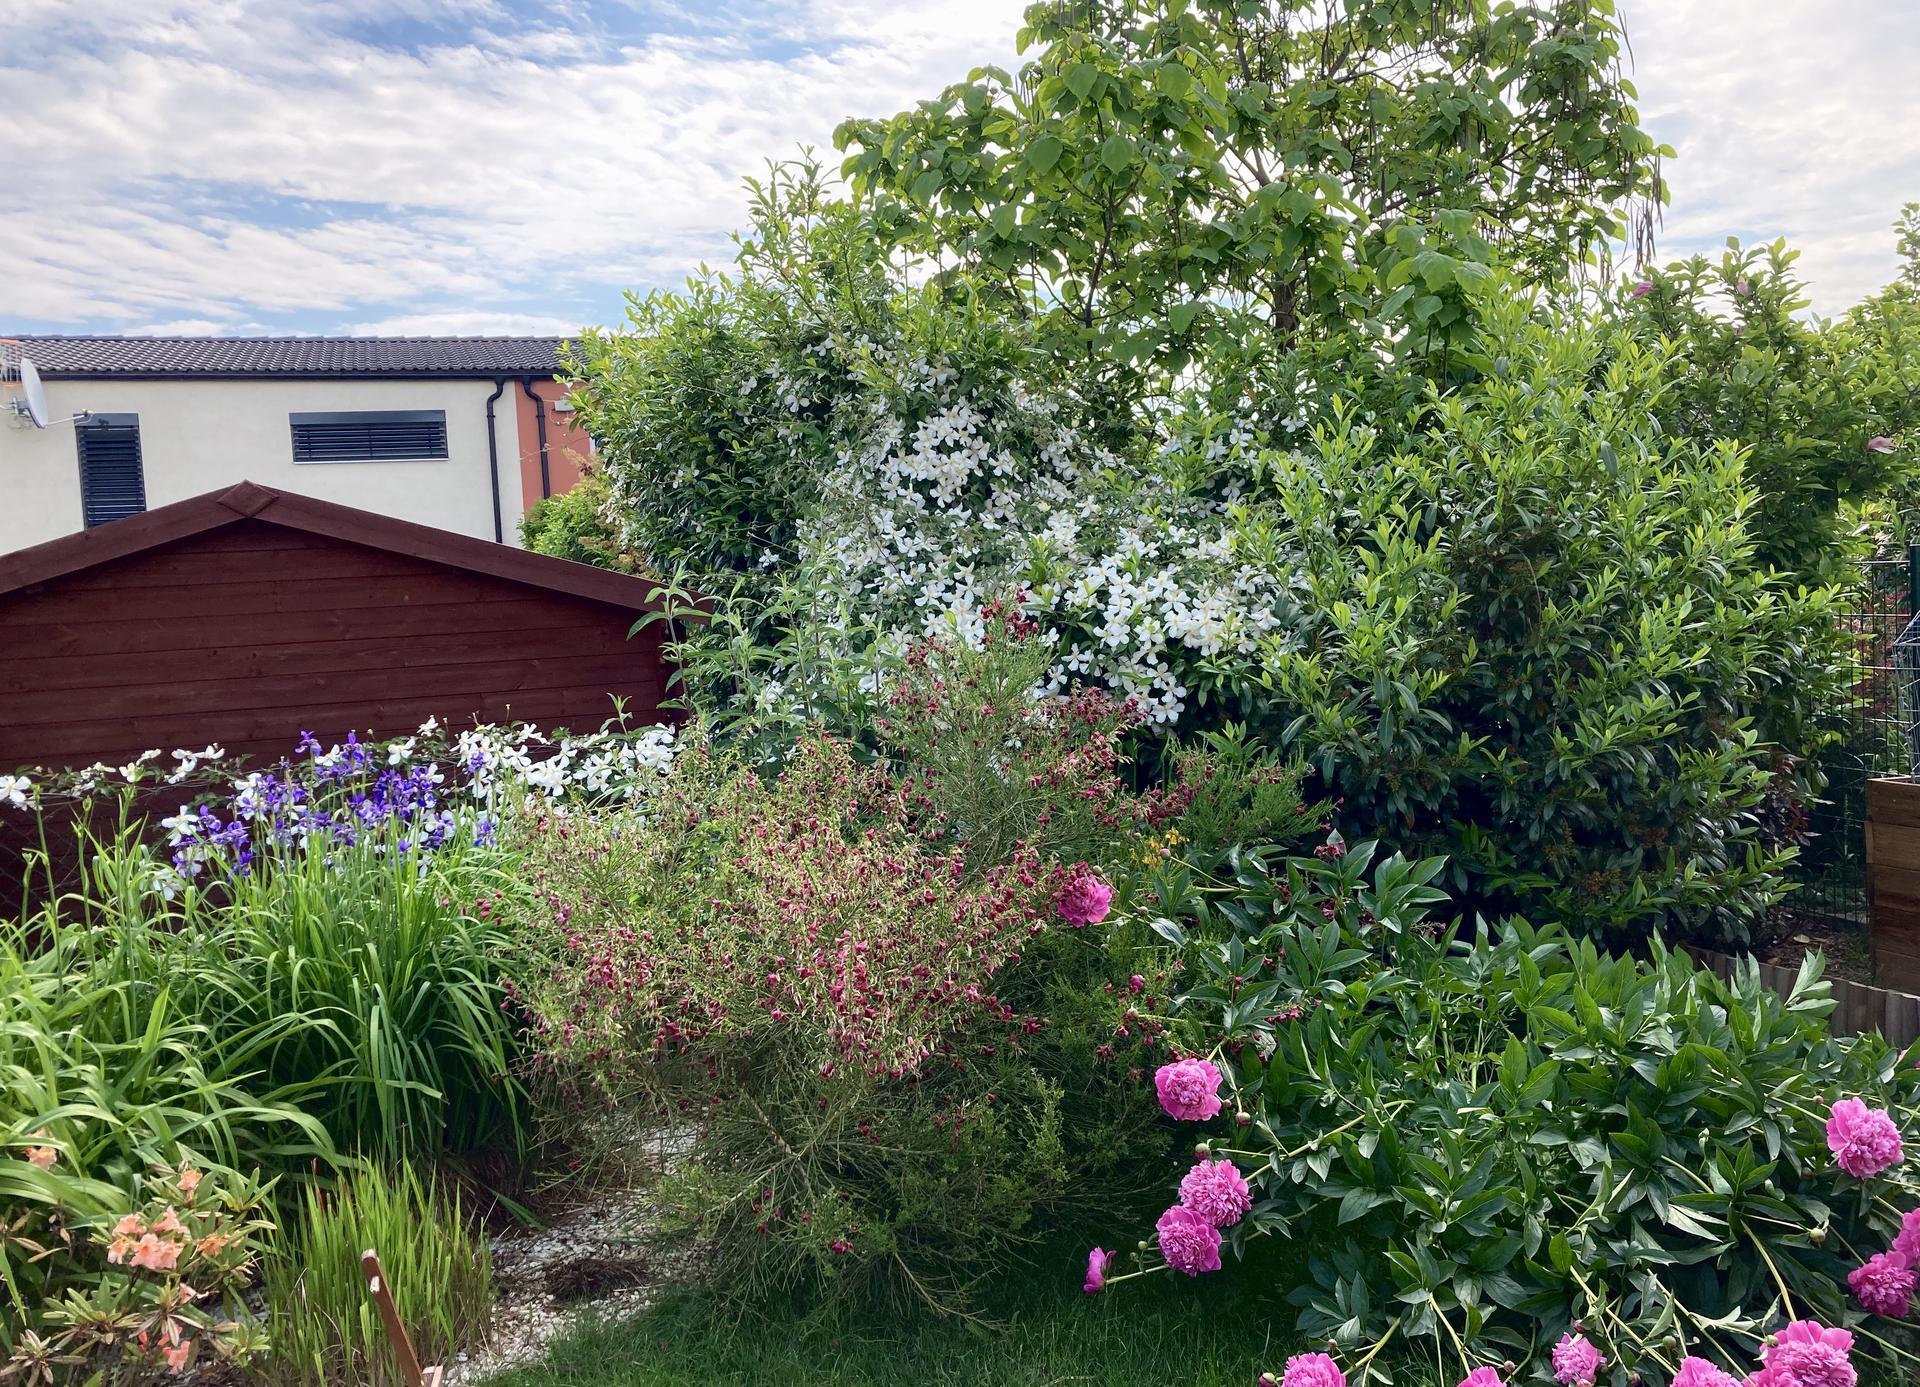 Zahrada 2021 - Jak nas clematis kvete u sousedu 😃... dneska jsem si ho k nim sla vyfotit🤪. Nas domecek je ten malinky cerveny kousek za stromem ( coz je nase katalpa)